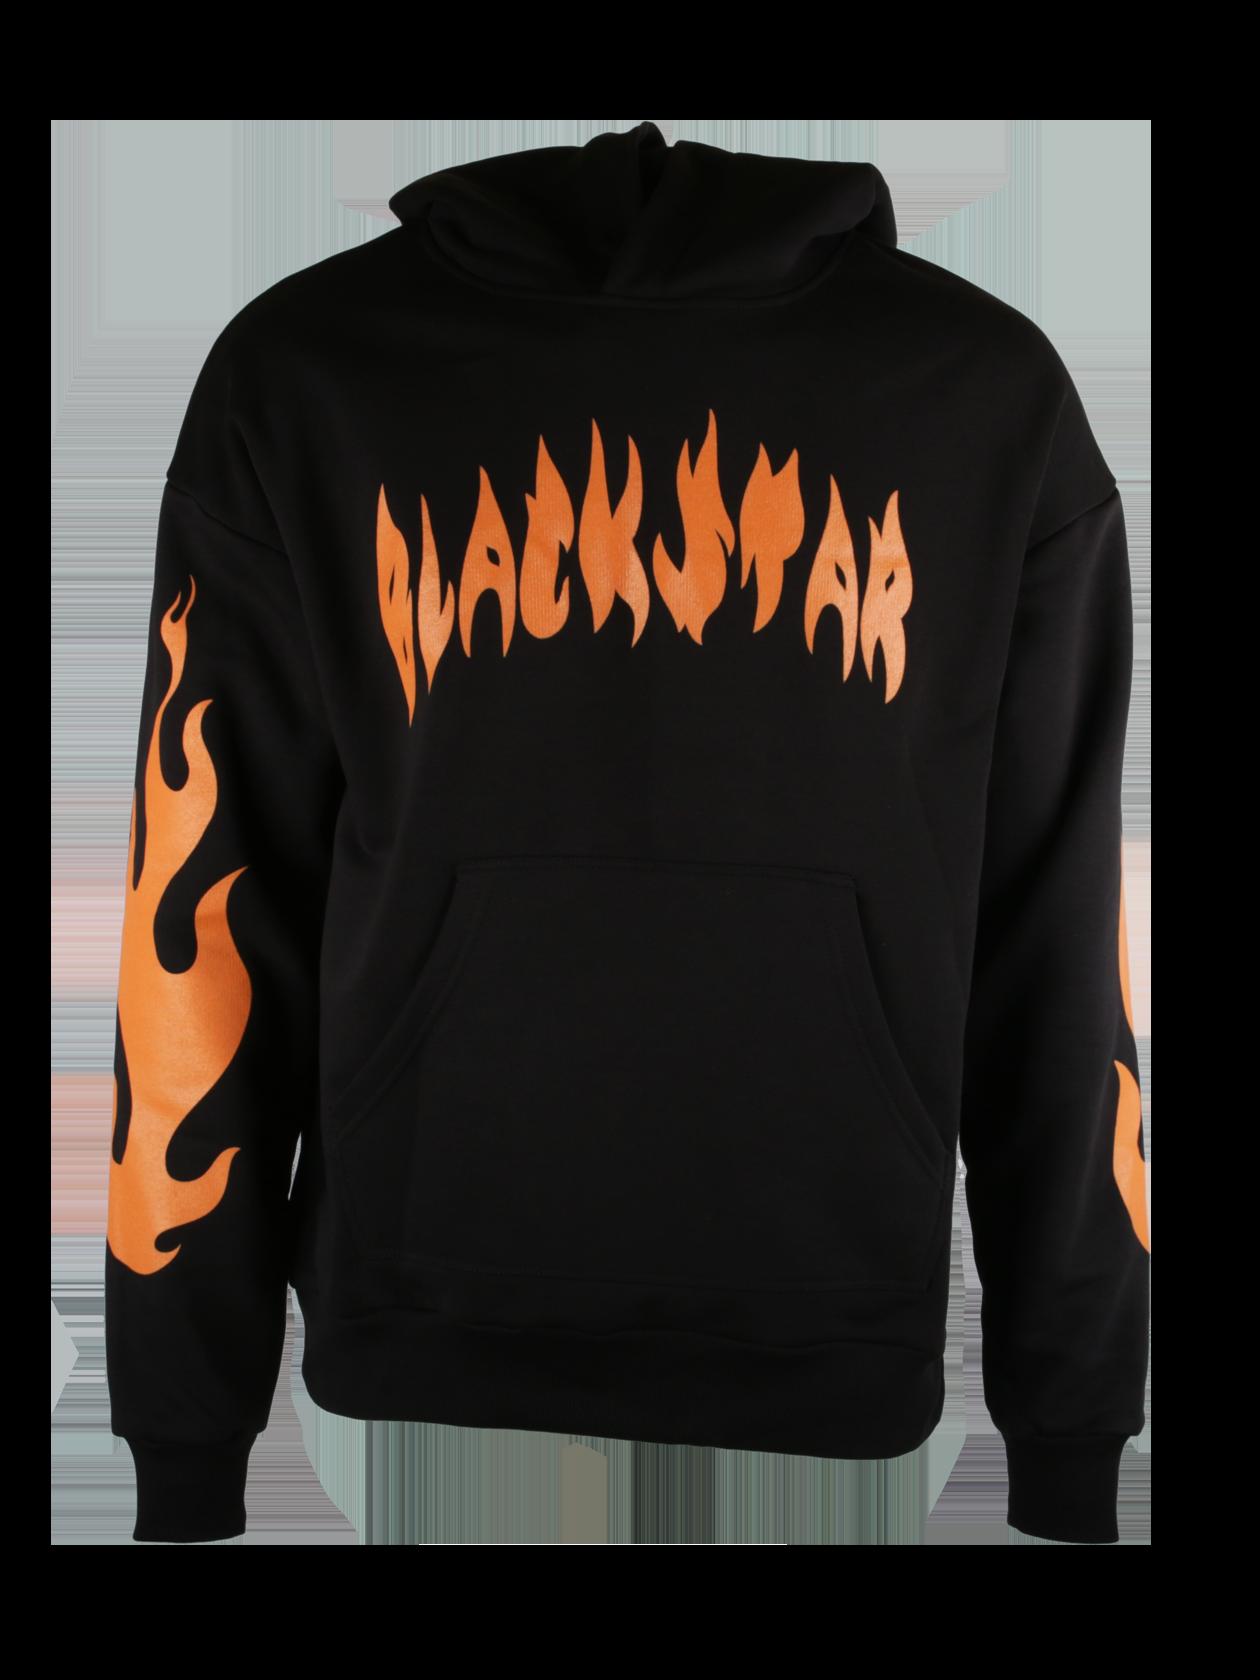 Худи  FIRE FLAMEХуди Fire Flame из уникальной коллекции Orange Flame – идеальное решение для энергичных молодых людей. Сочная апельсиновая расцветка вдохновила дизайнеров на создание этой модели. Изделие прямого свободного силуэта с объемным капюшоном и вместительным передним карманом отлично подходит для спорта и отдыха. Дизайн дополнен смелым принтом в виде черной надписи Black Star на груди и языков пламени на рукавах. Эластичные вставки на манжетах и по низу худи служат для лучшей посадки вещи. Для пошива был выбран премиальный натуральный хлопок.<br><br>Размер: XL<br>Цвет: Черный<br>Пол: Мужской